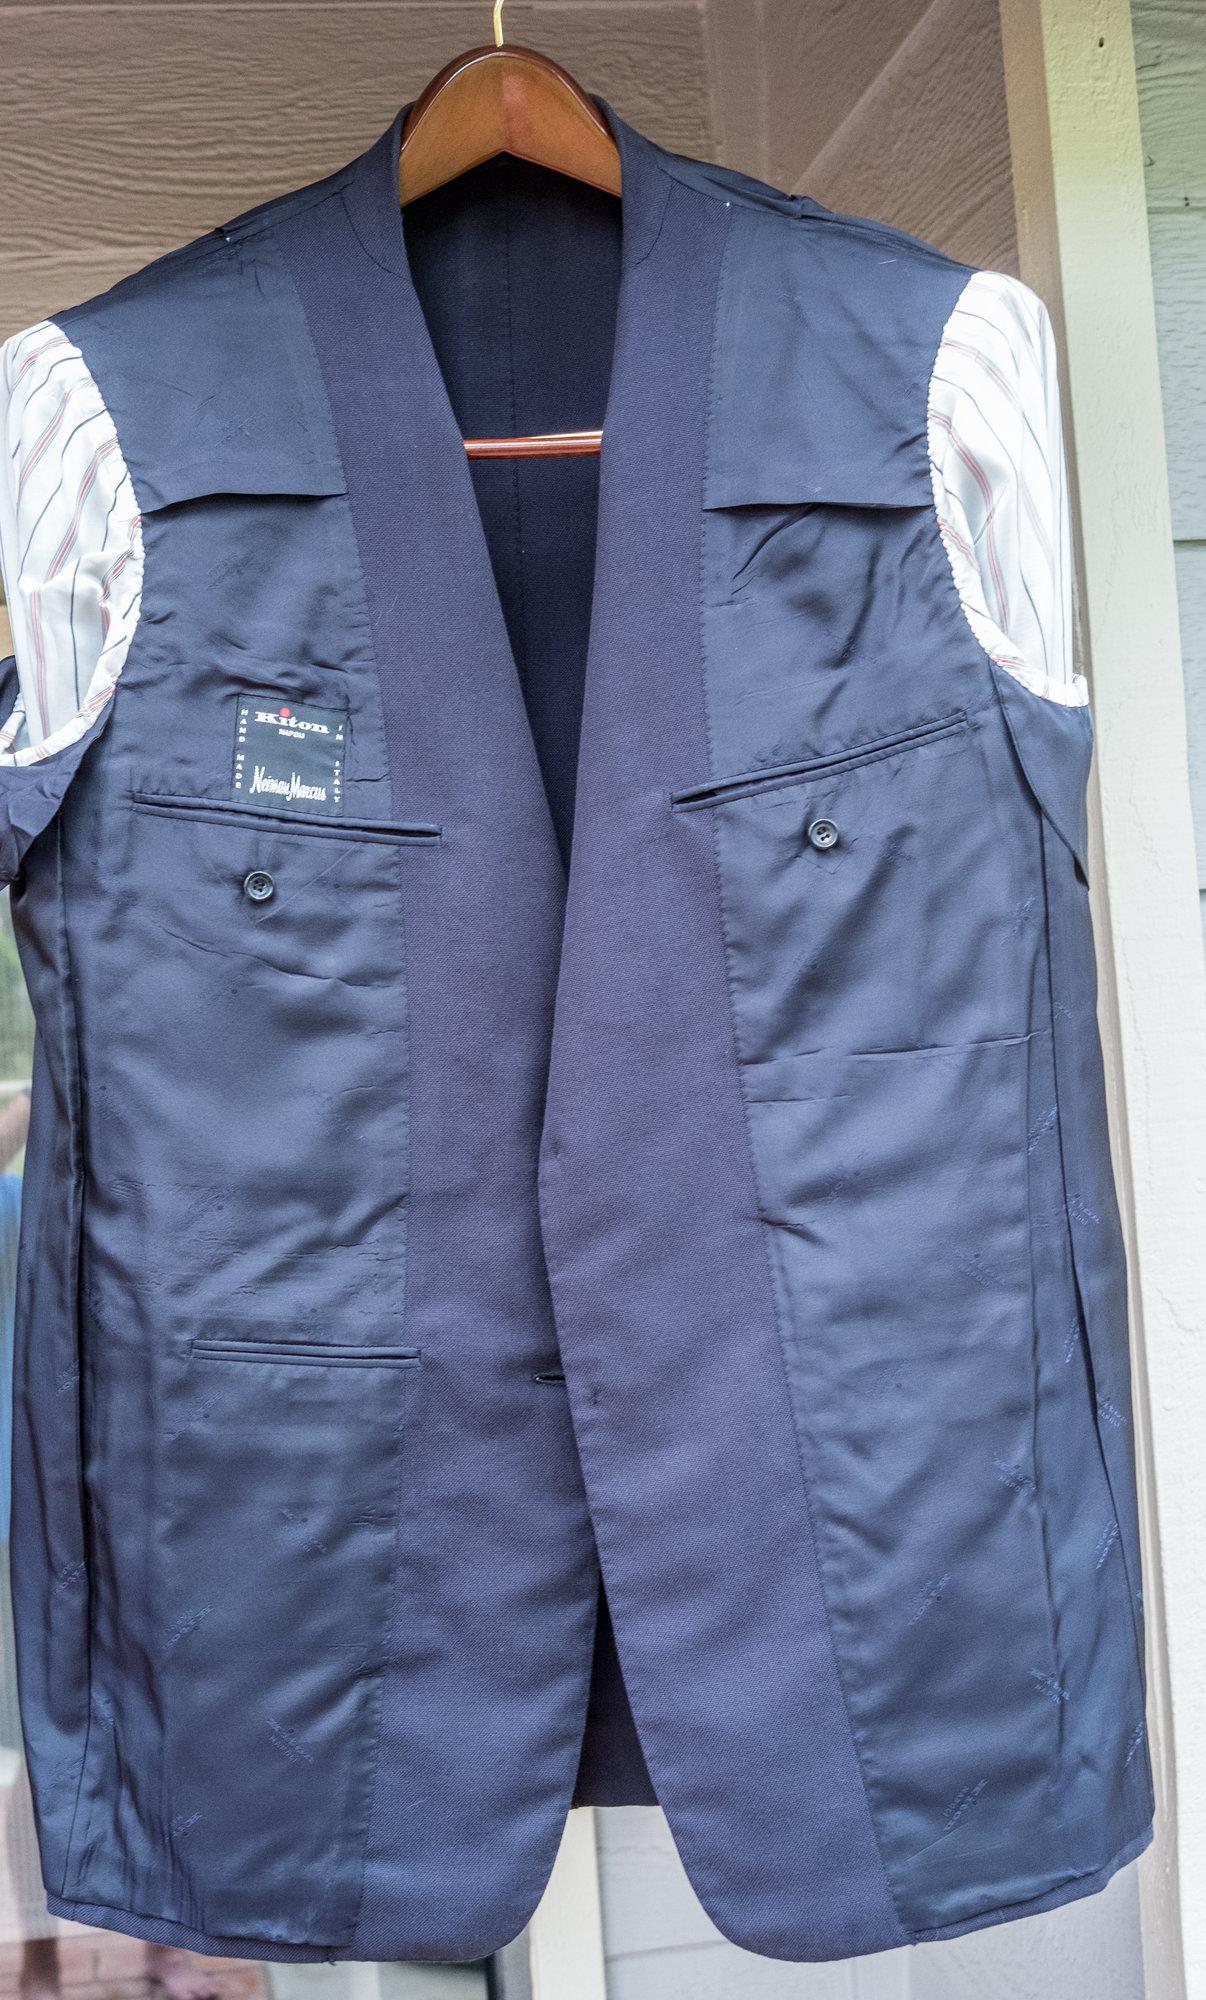 Kiton Cotton Blue Blazer in 54R (42R US size)-24.jpg